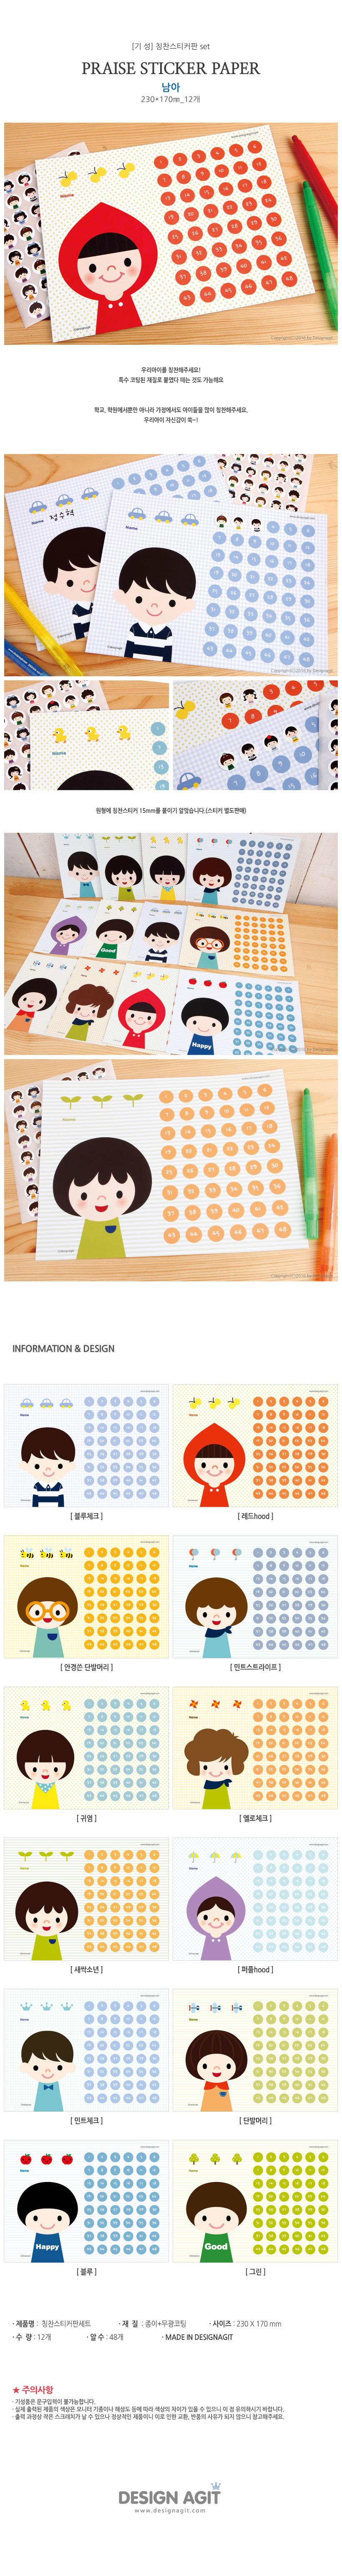 기성 칭찬스티커판 set 아이들 남아시리즈 - 디자인아지트, 5,000원, 스티커, 칭찬스티커